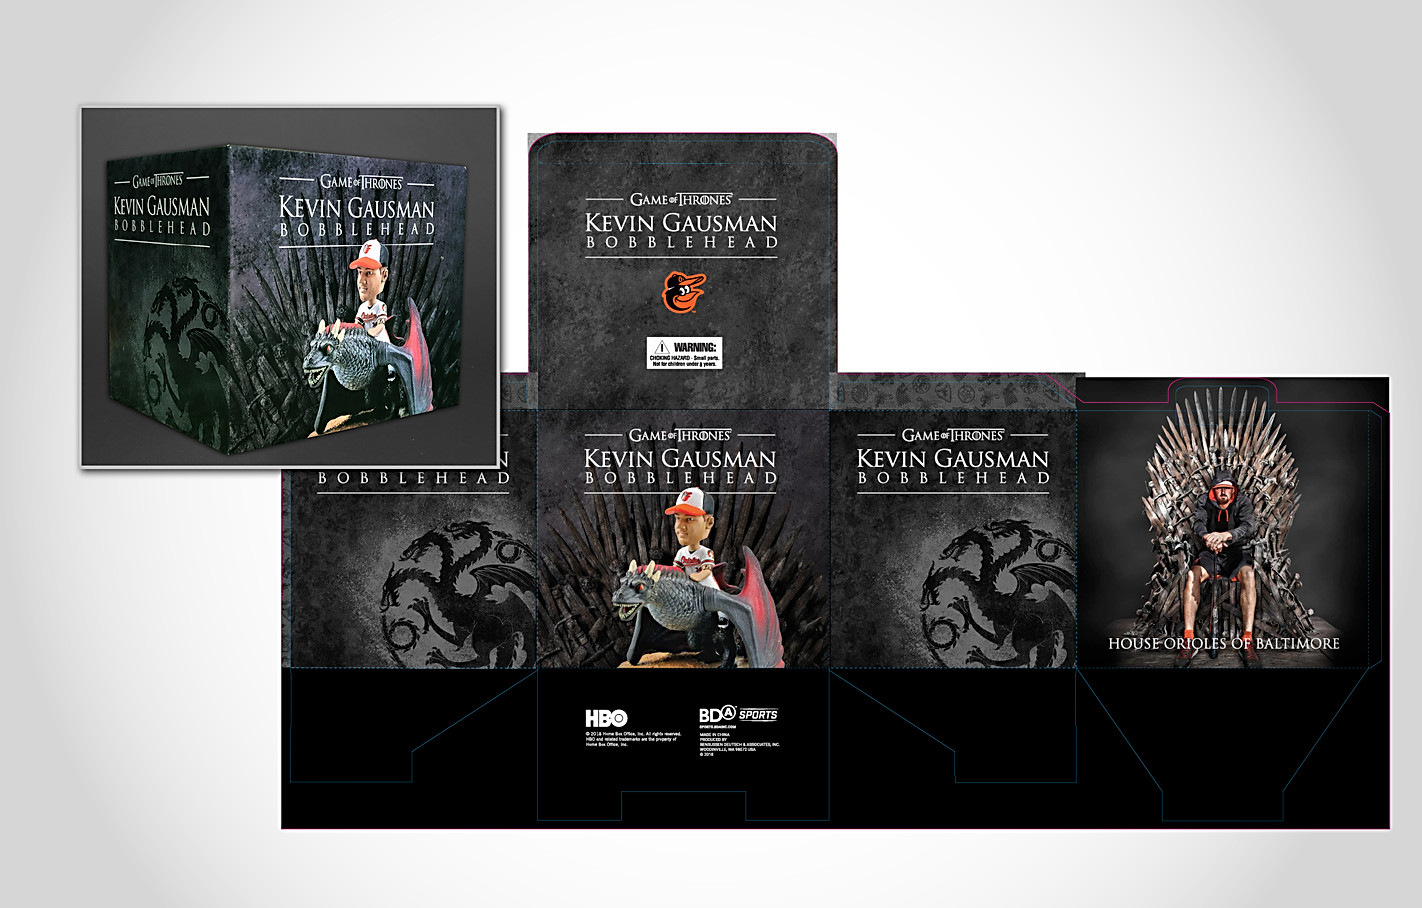 Orioles Game of Thrones Gausman Bobblehead Packaging